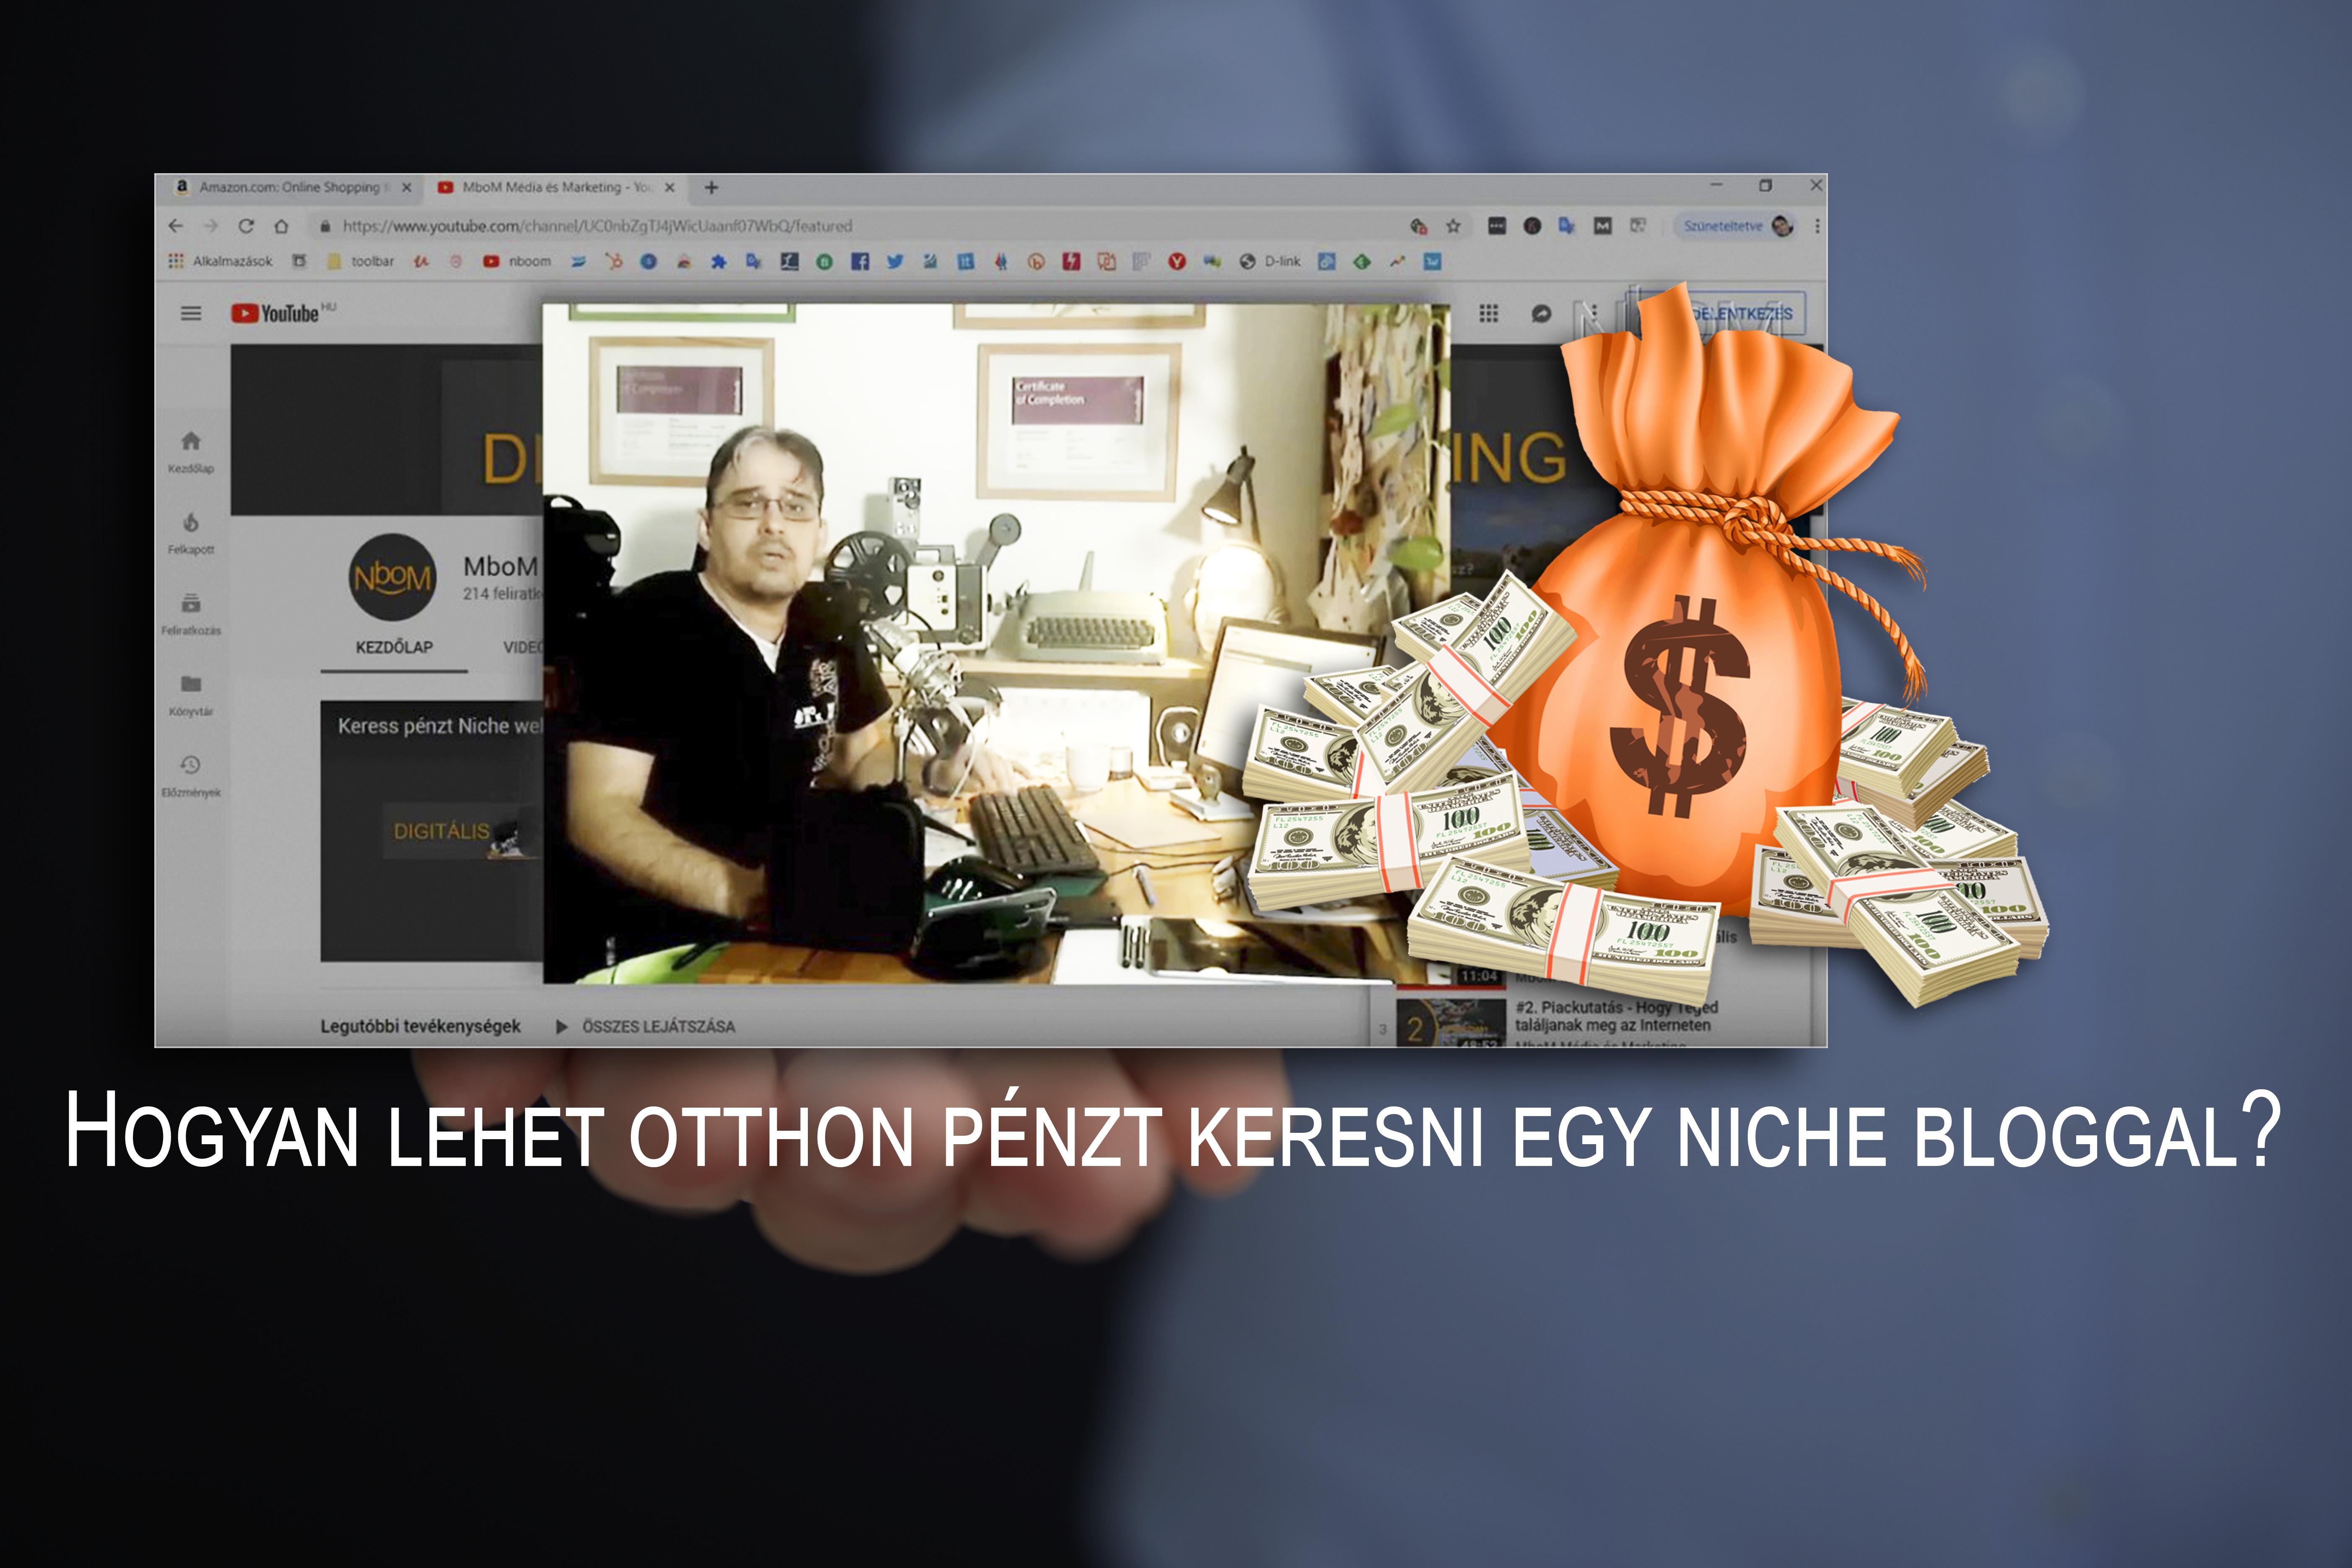 internetes üzlet, hogyan lehet pénzt keresni